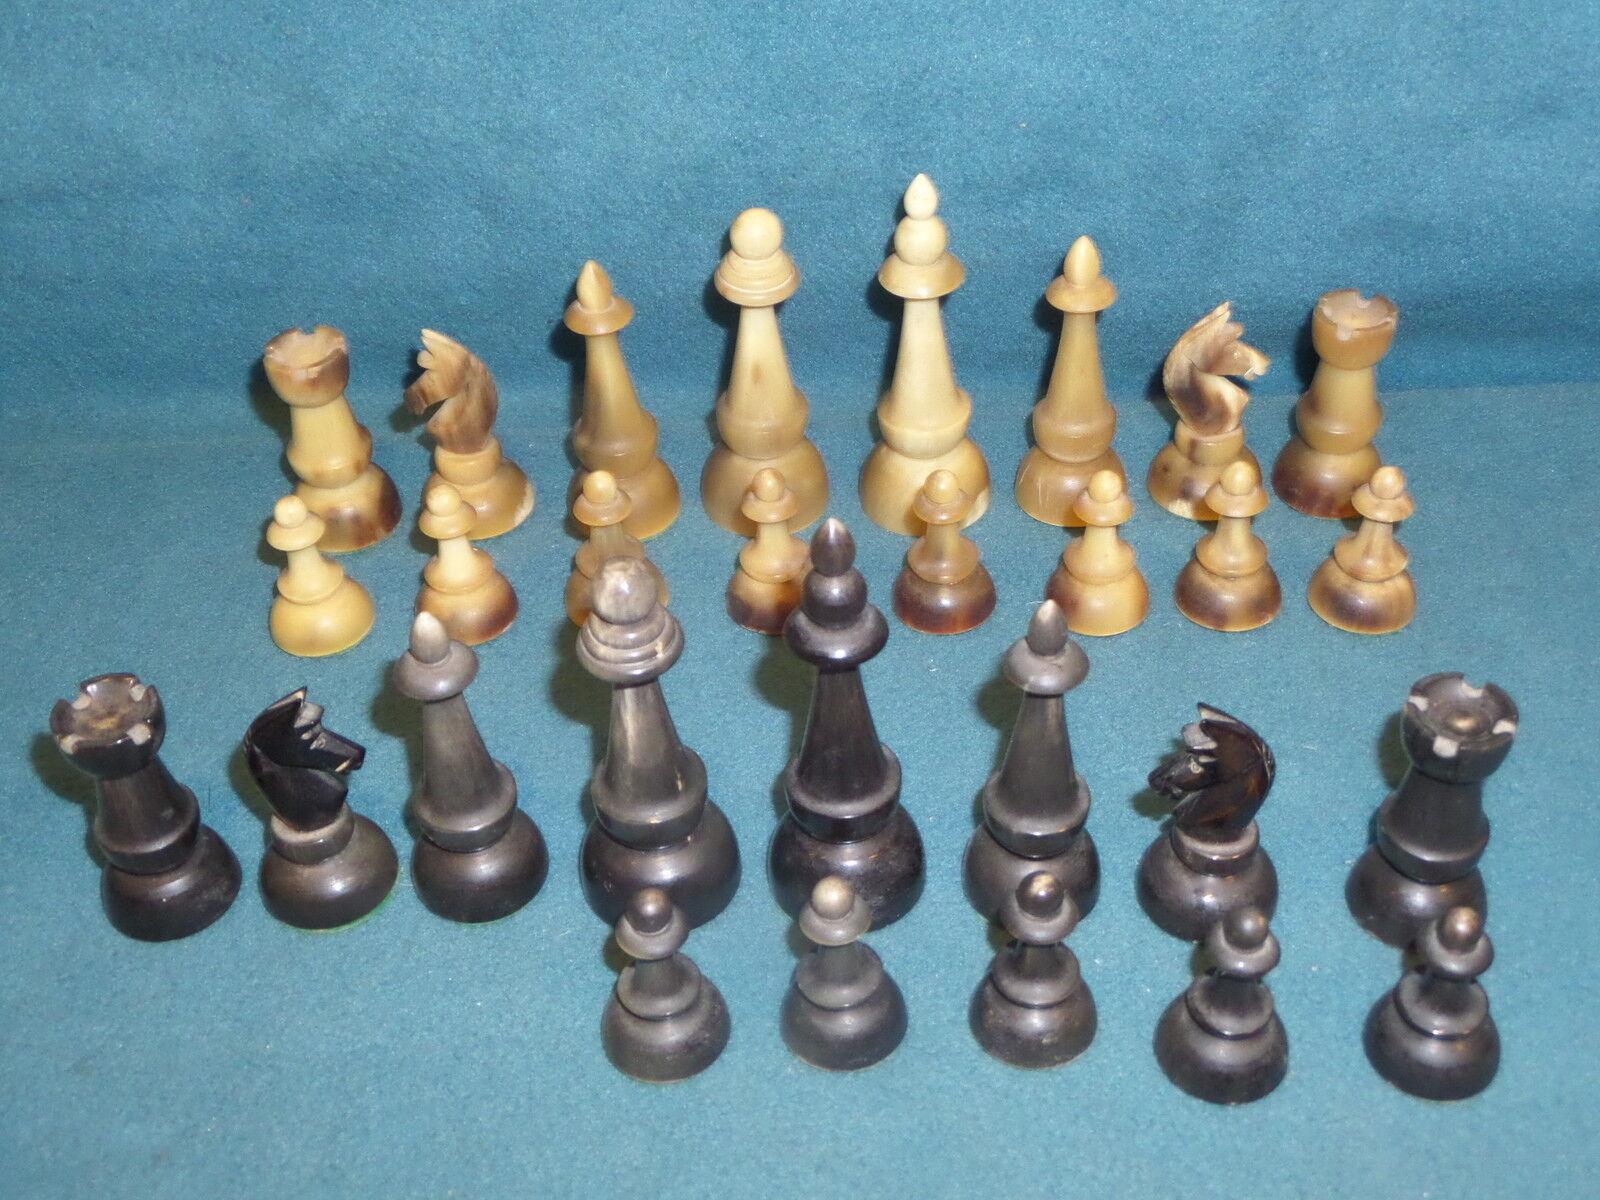 giocoS  VINTAGE CHESS SET PLASTIC VERY HARD PLASTIC OR HORN  goditi il 50% di sconto